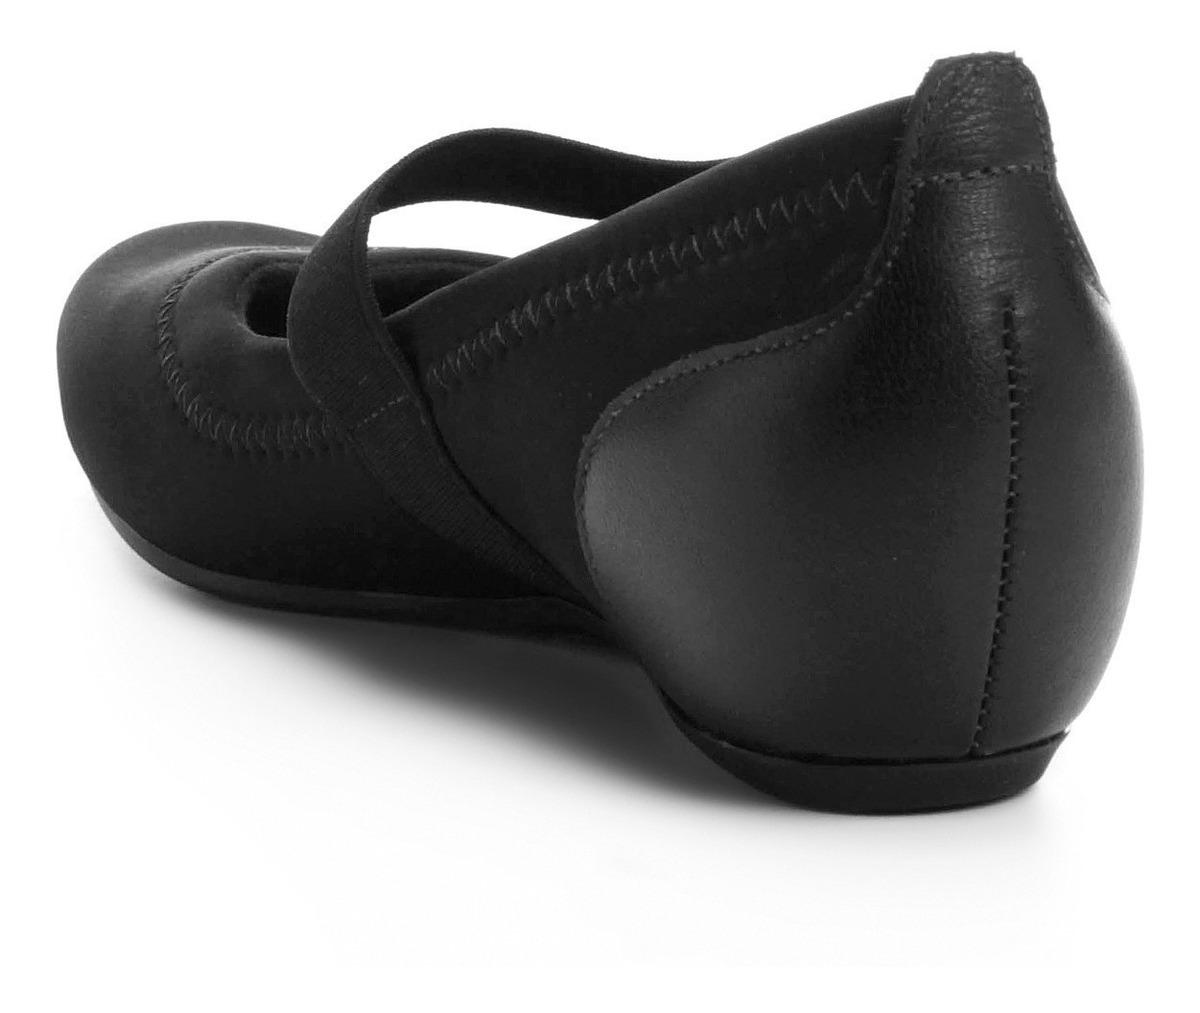 c1481adc0 sapato usaflex impermeável preto boneca neoprene diabetes. Carregando zoom.